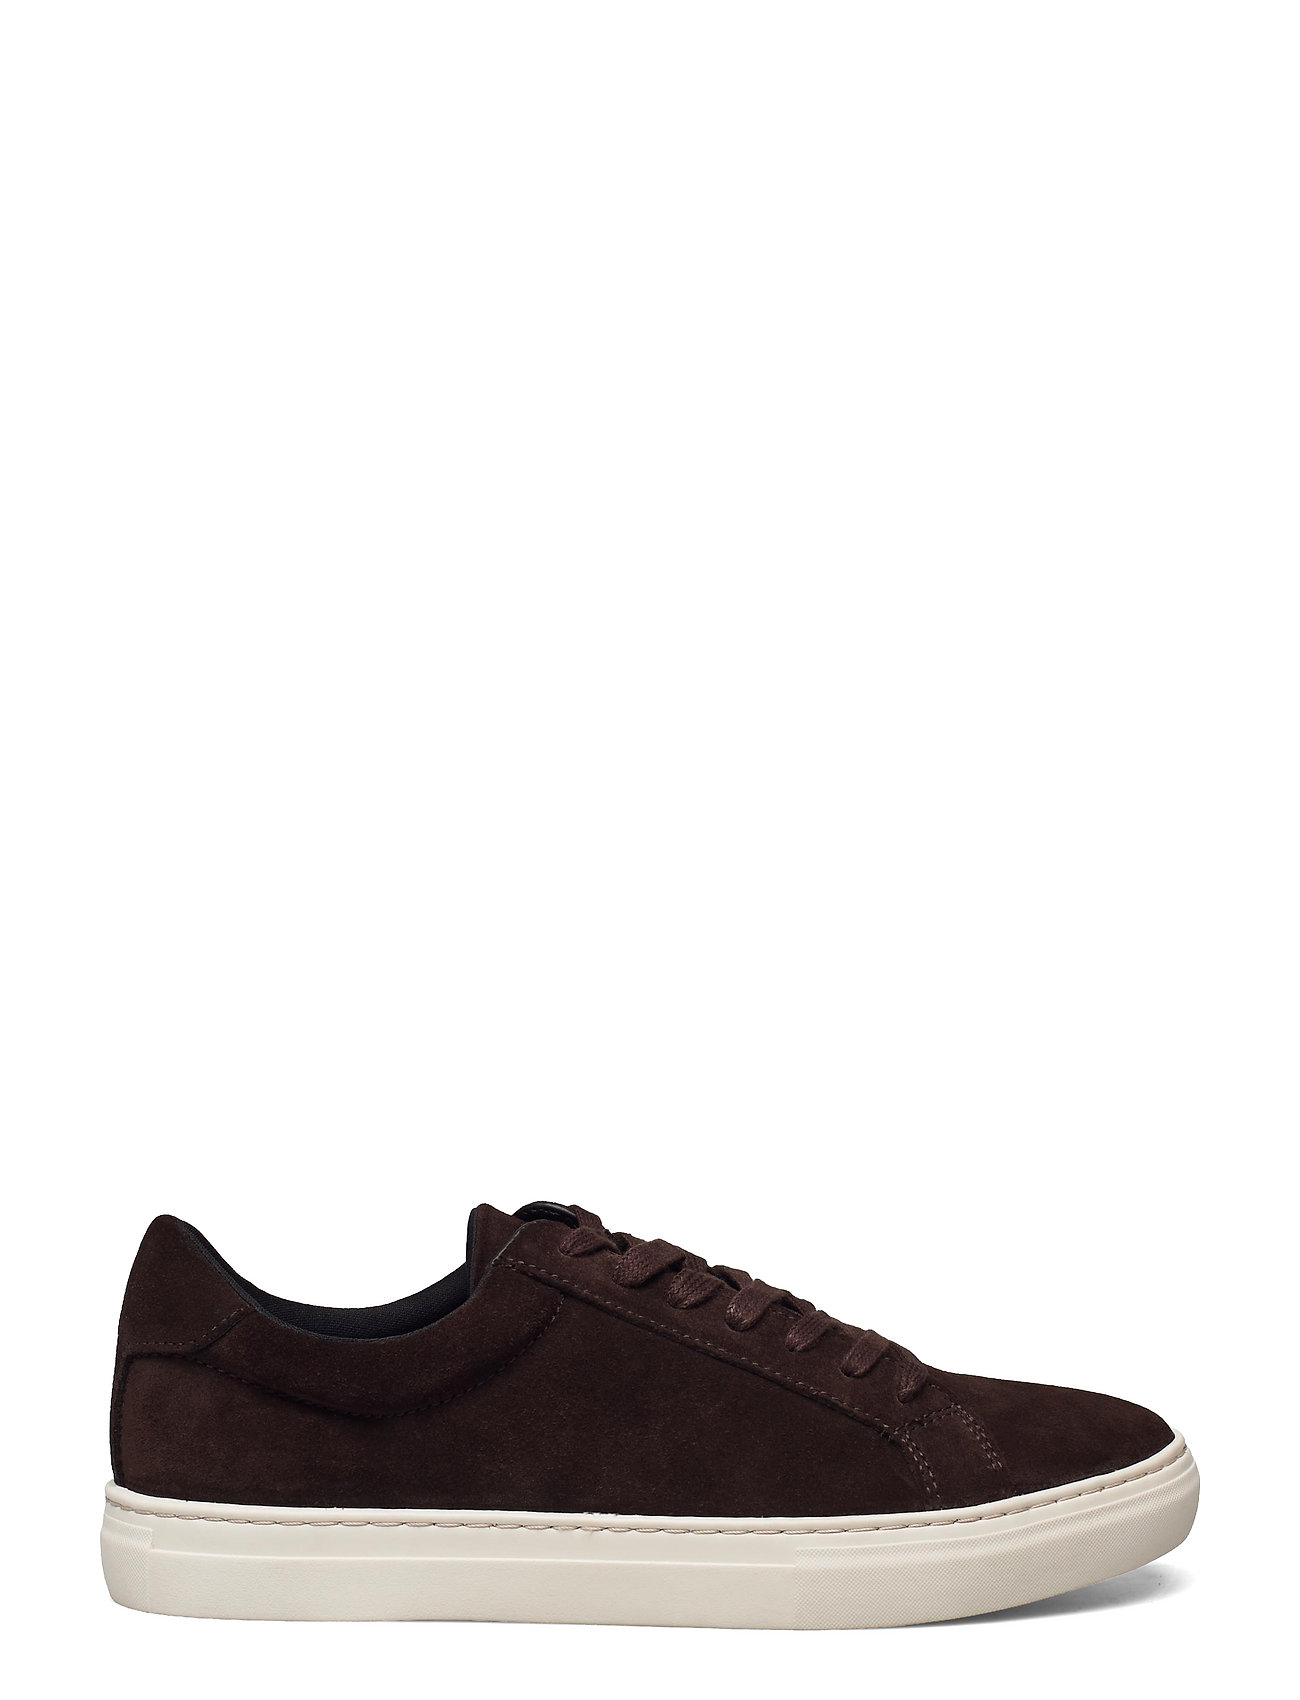 Image of Paul Low-top Sneakers Brun VAGABOND (3546302335)